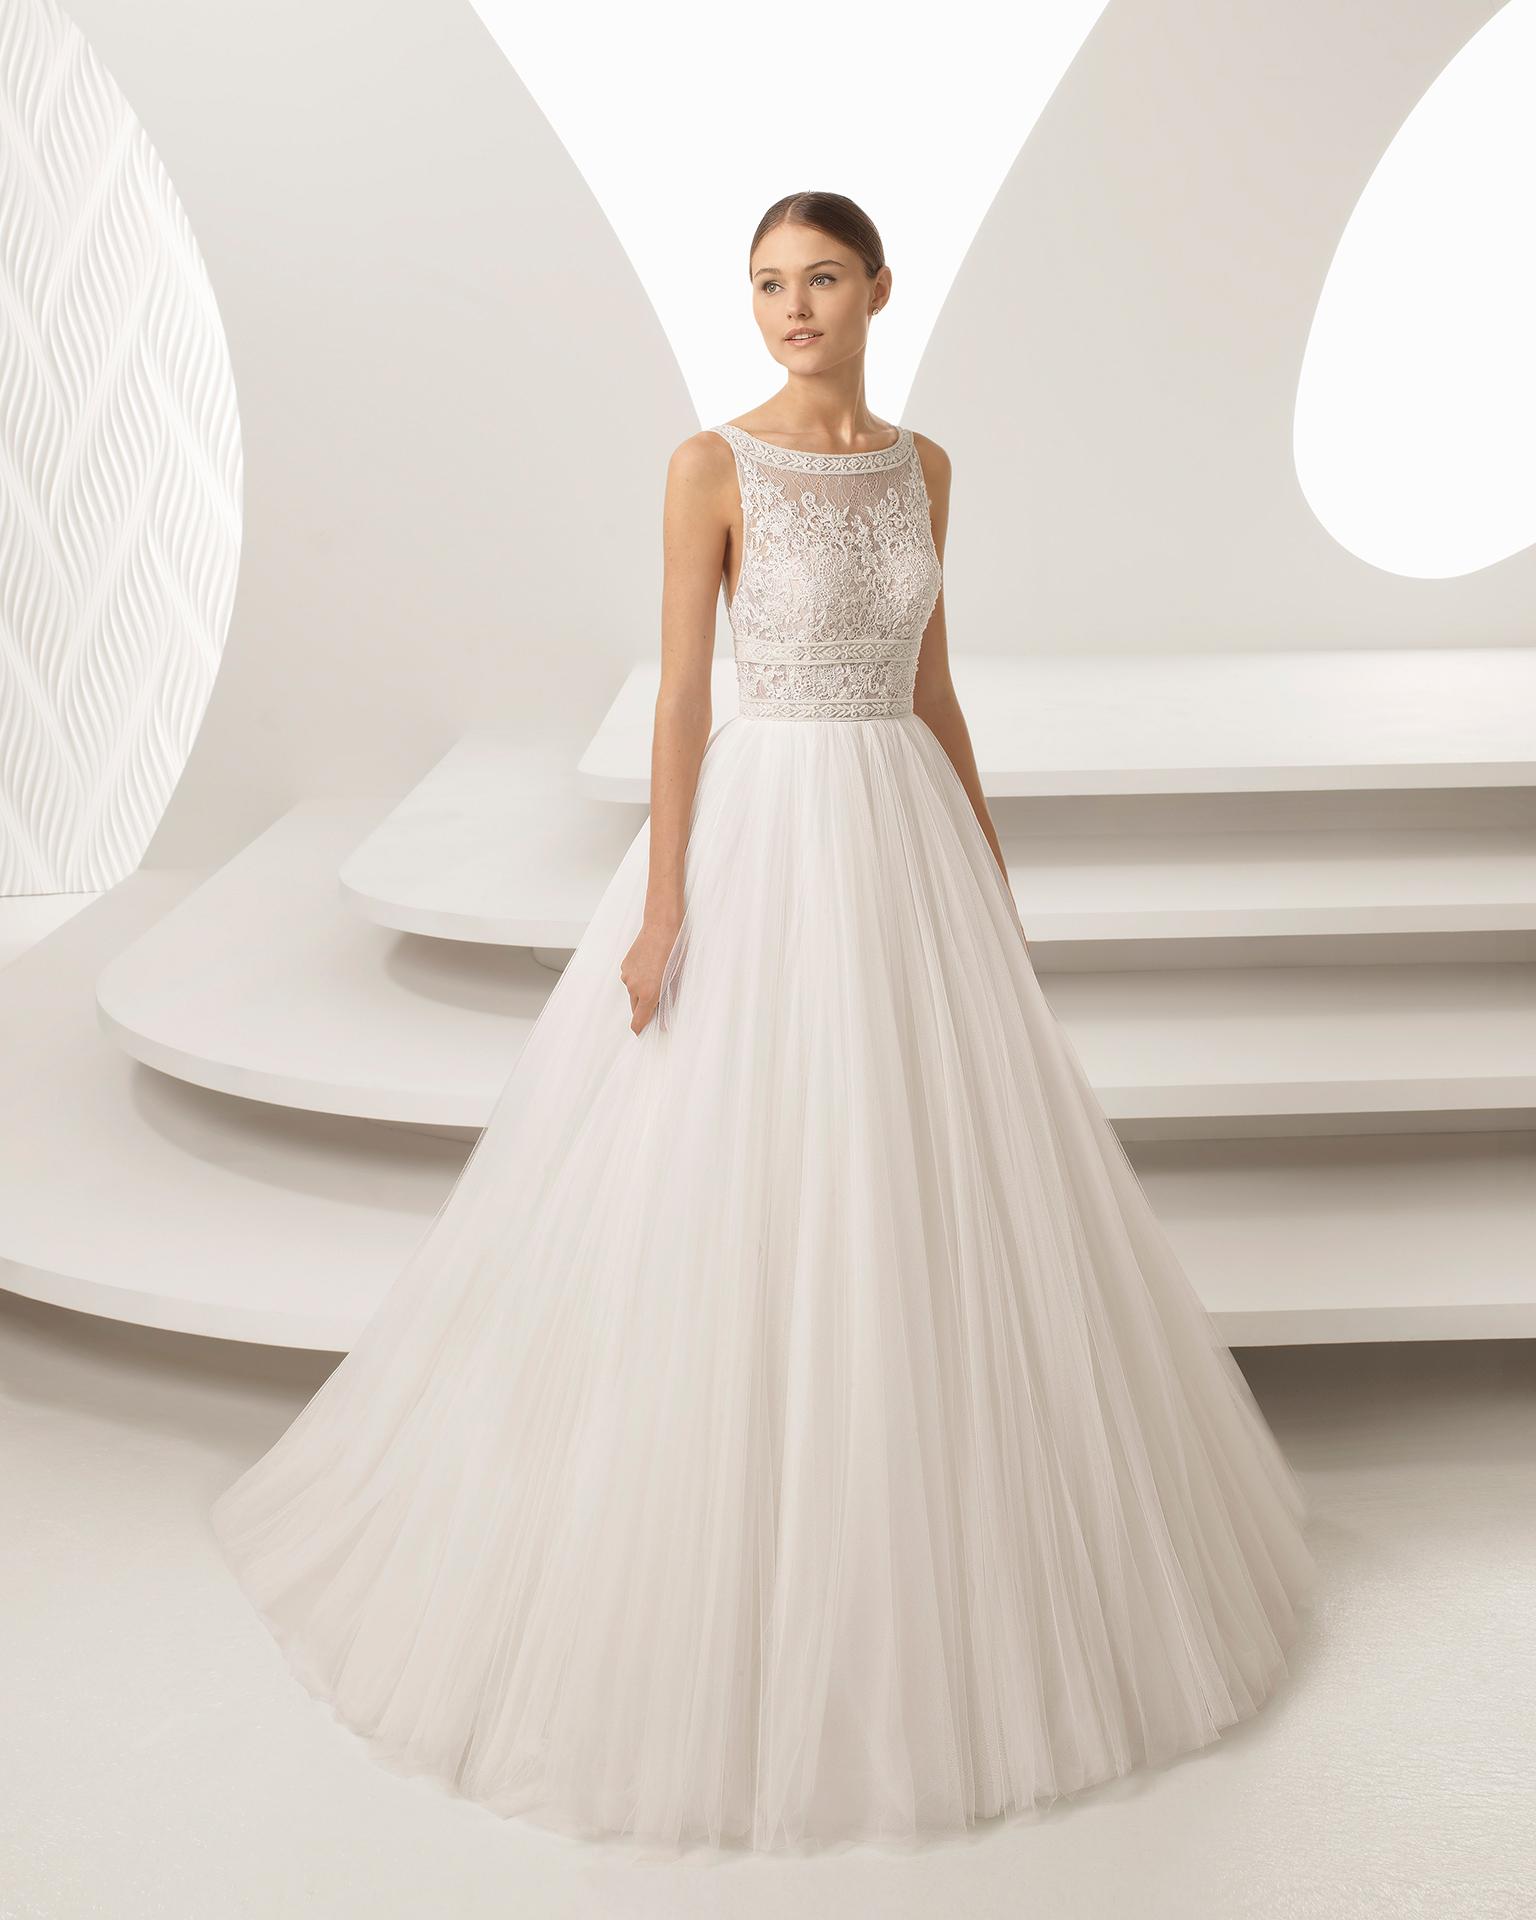 Cuanto cuesta un vestido de novia de tul